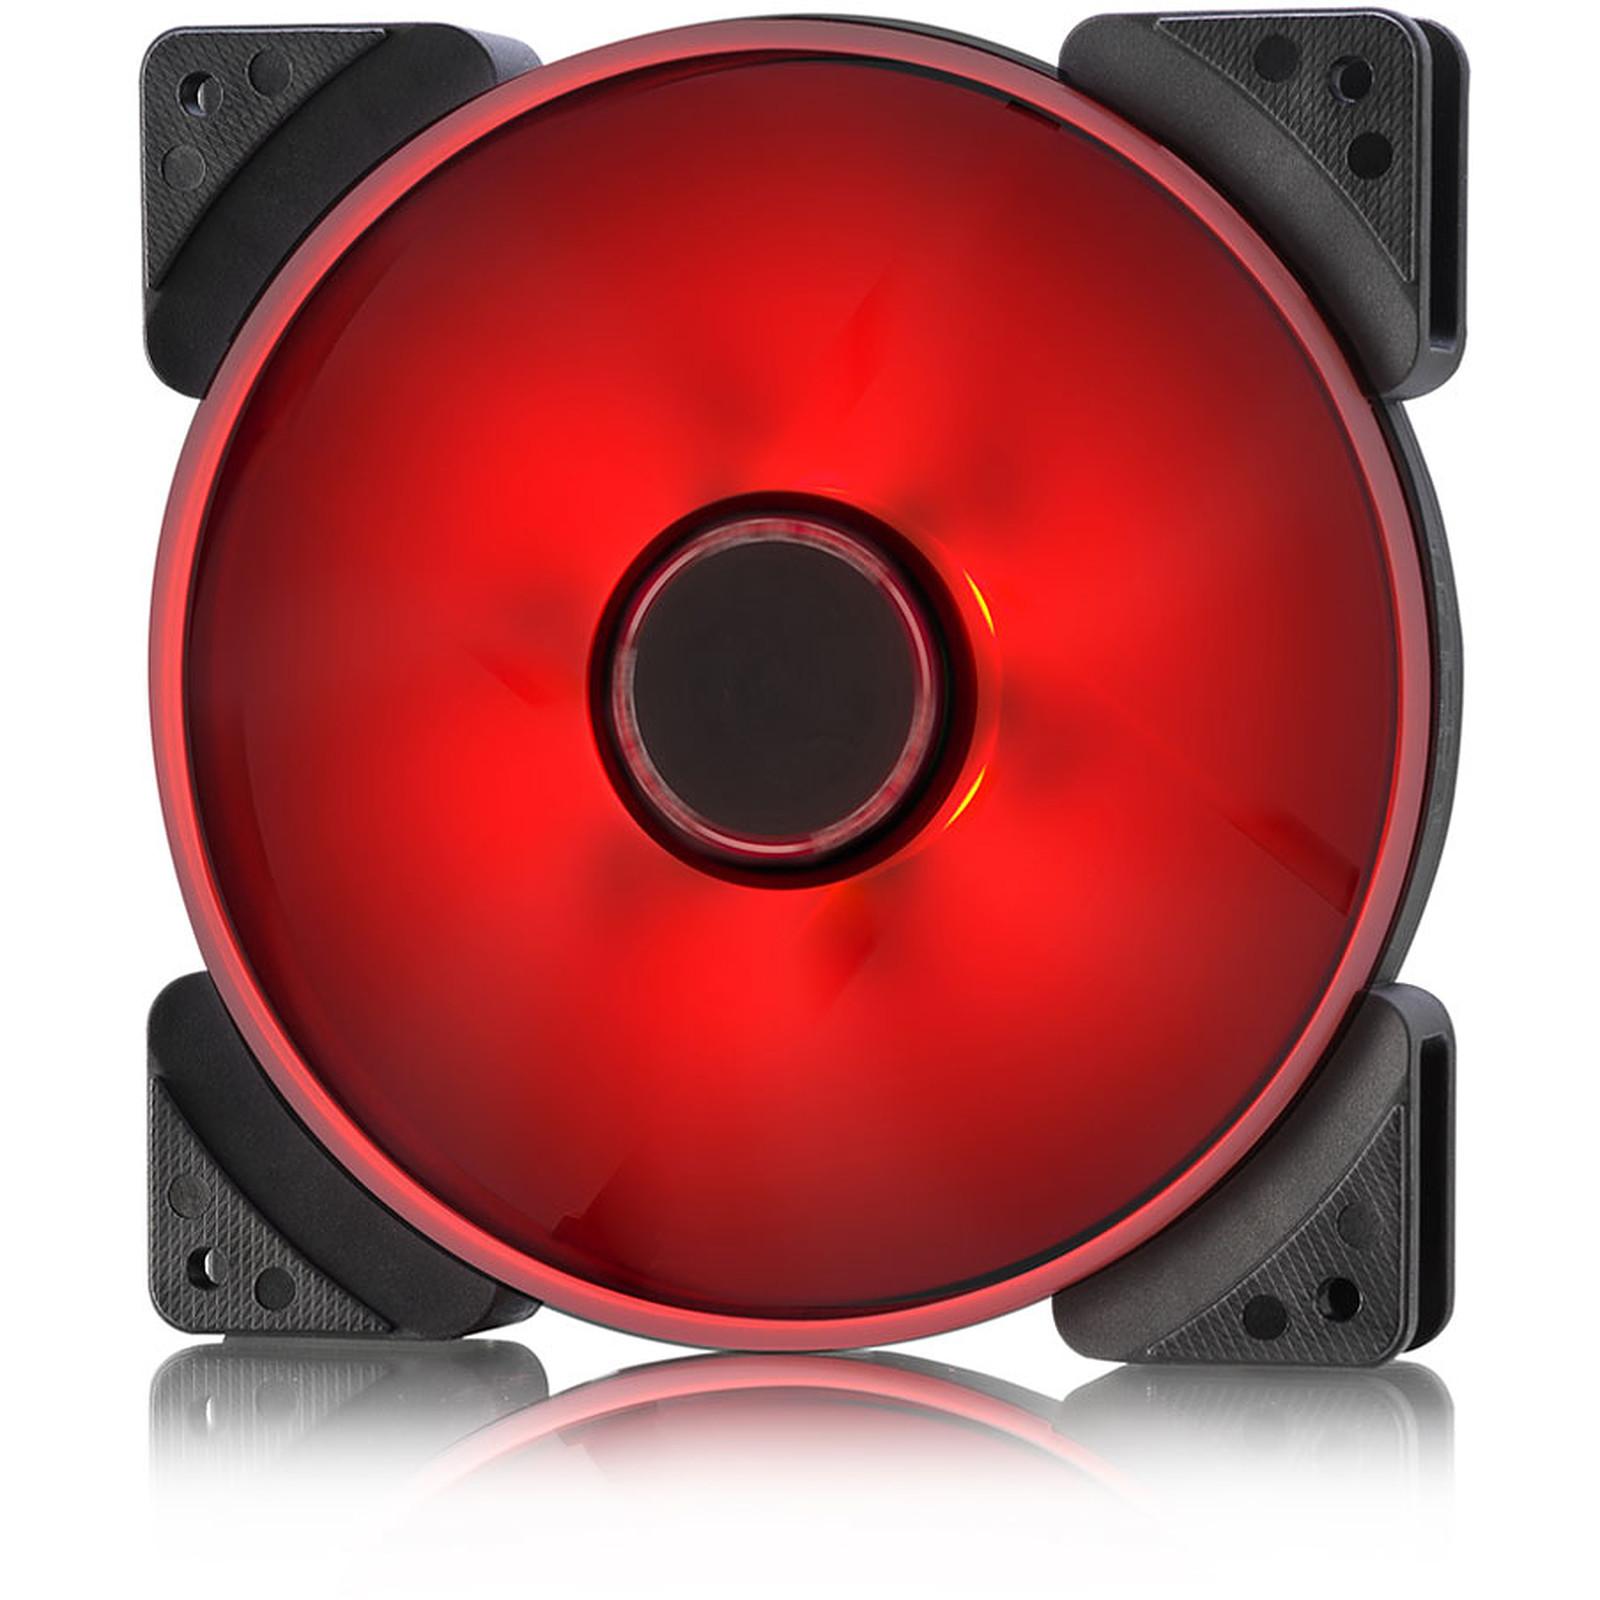 Fractal Design Prisma SL-14 (Red)